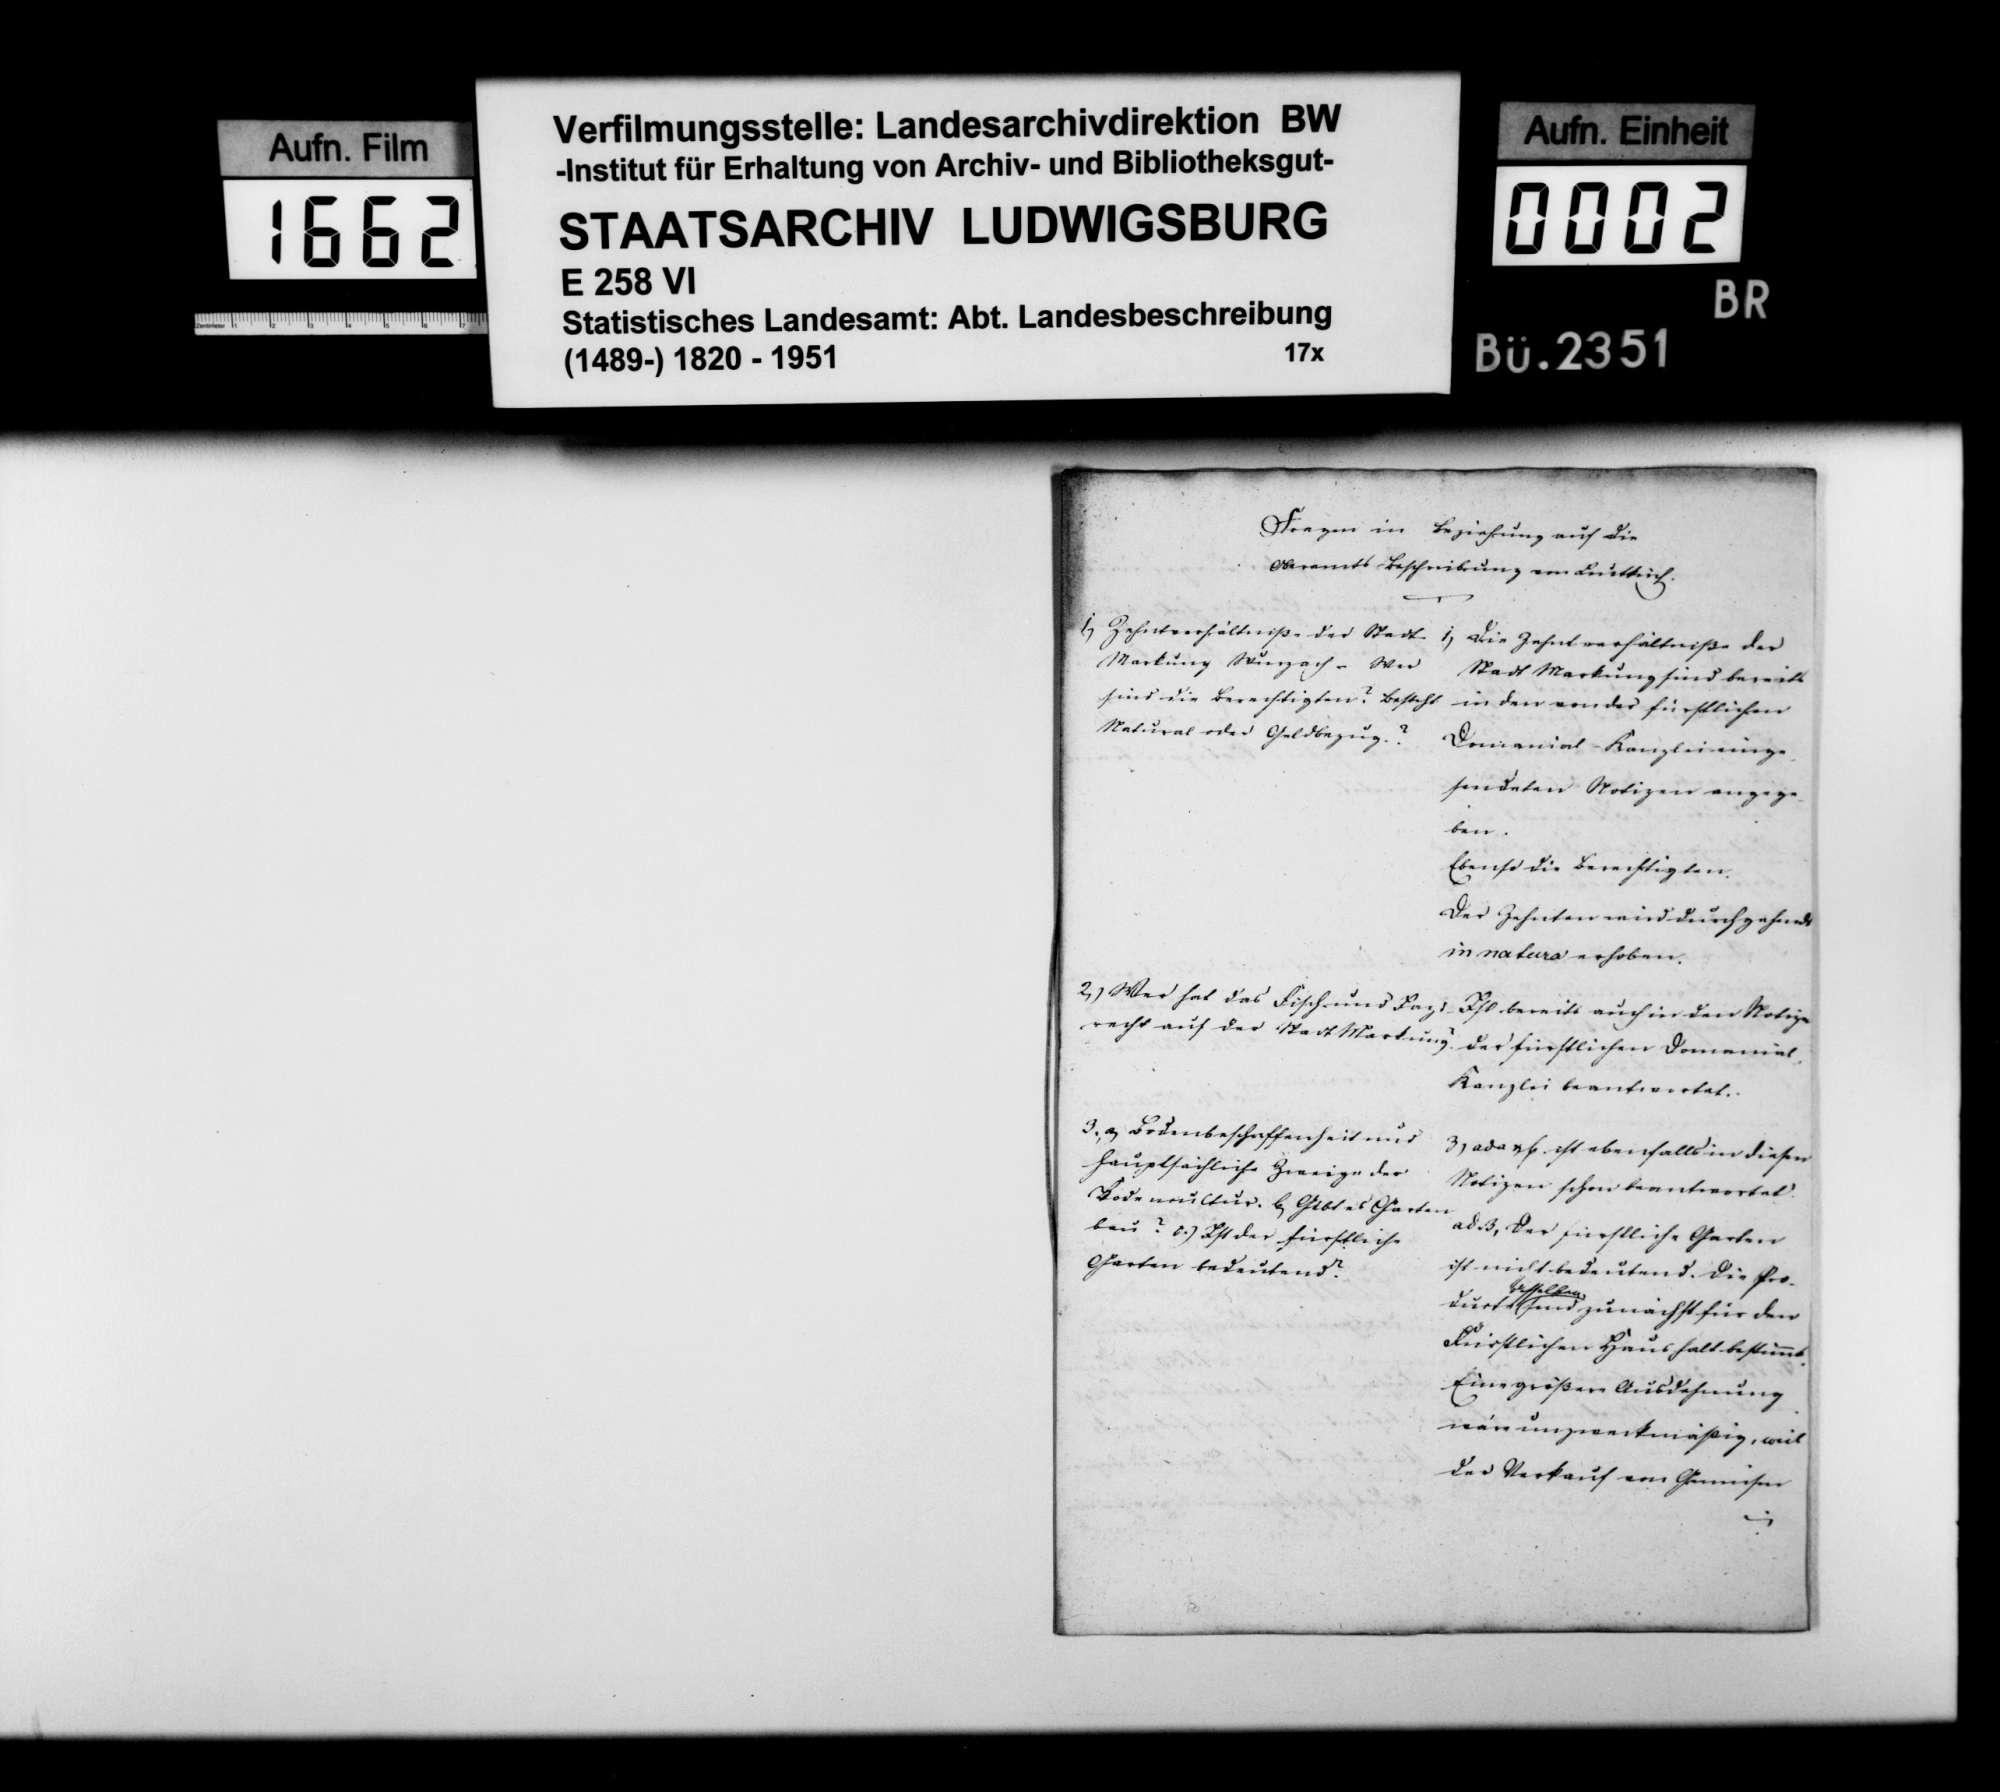 Notizen des Verwaltungsaktuars Völmle [aus Wurzach] auf Fragen des STBs zur Ergänzung der OAB, Bild 1